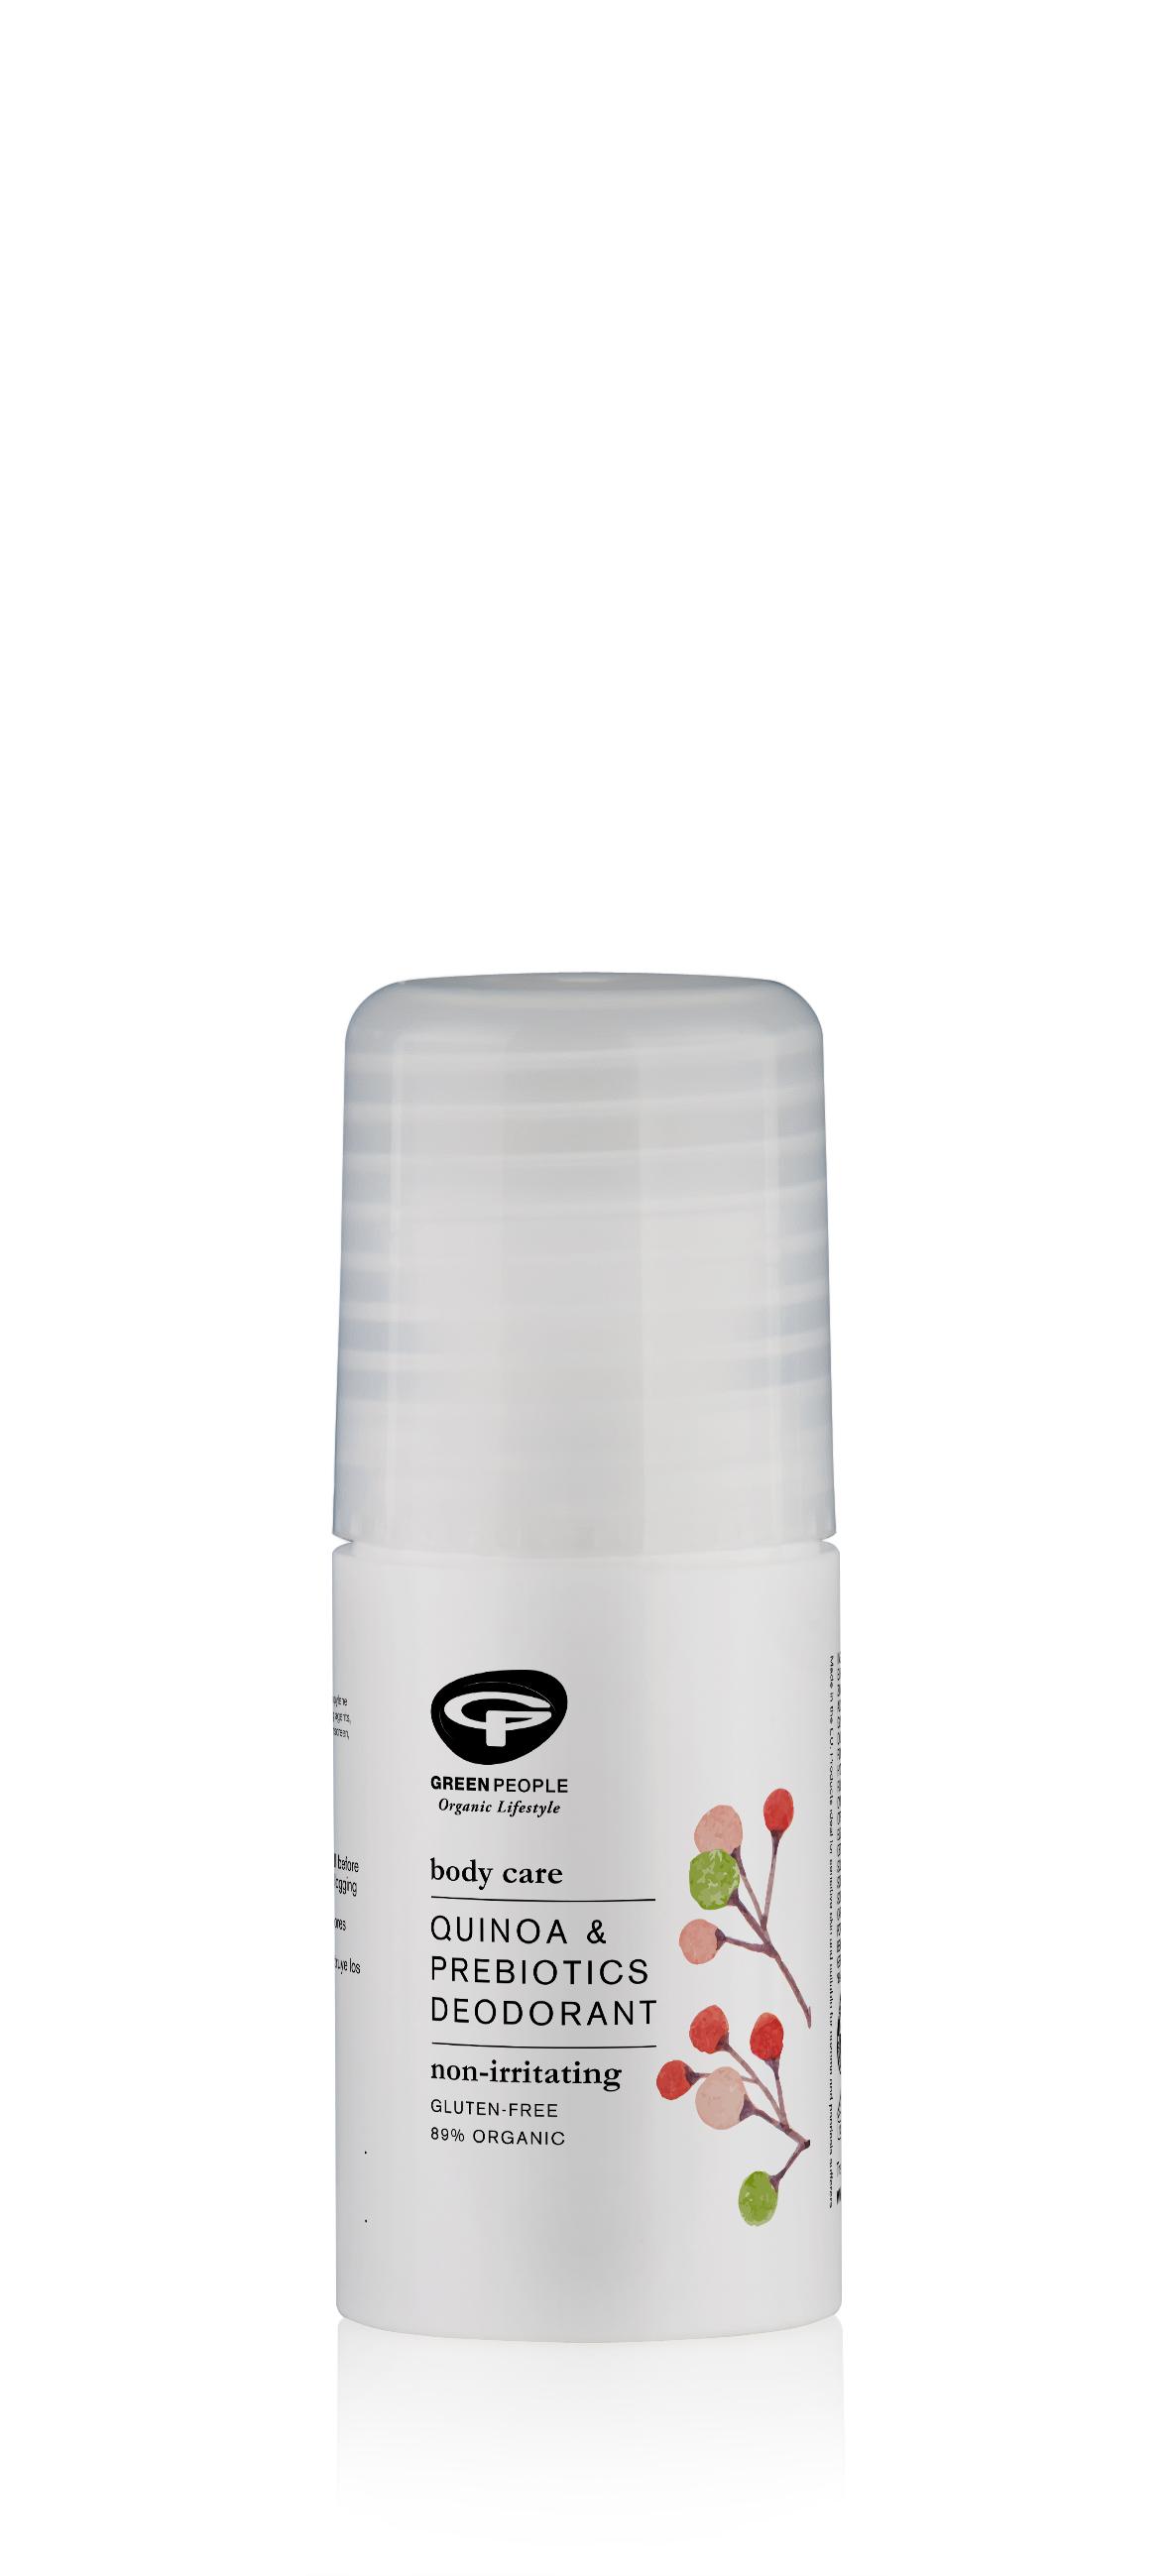 Quinoa & Prebiotics Deodorant 75ml